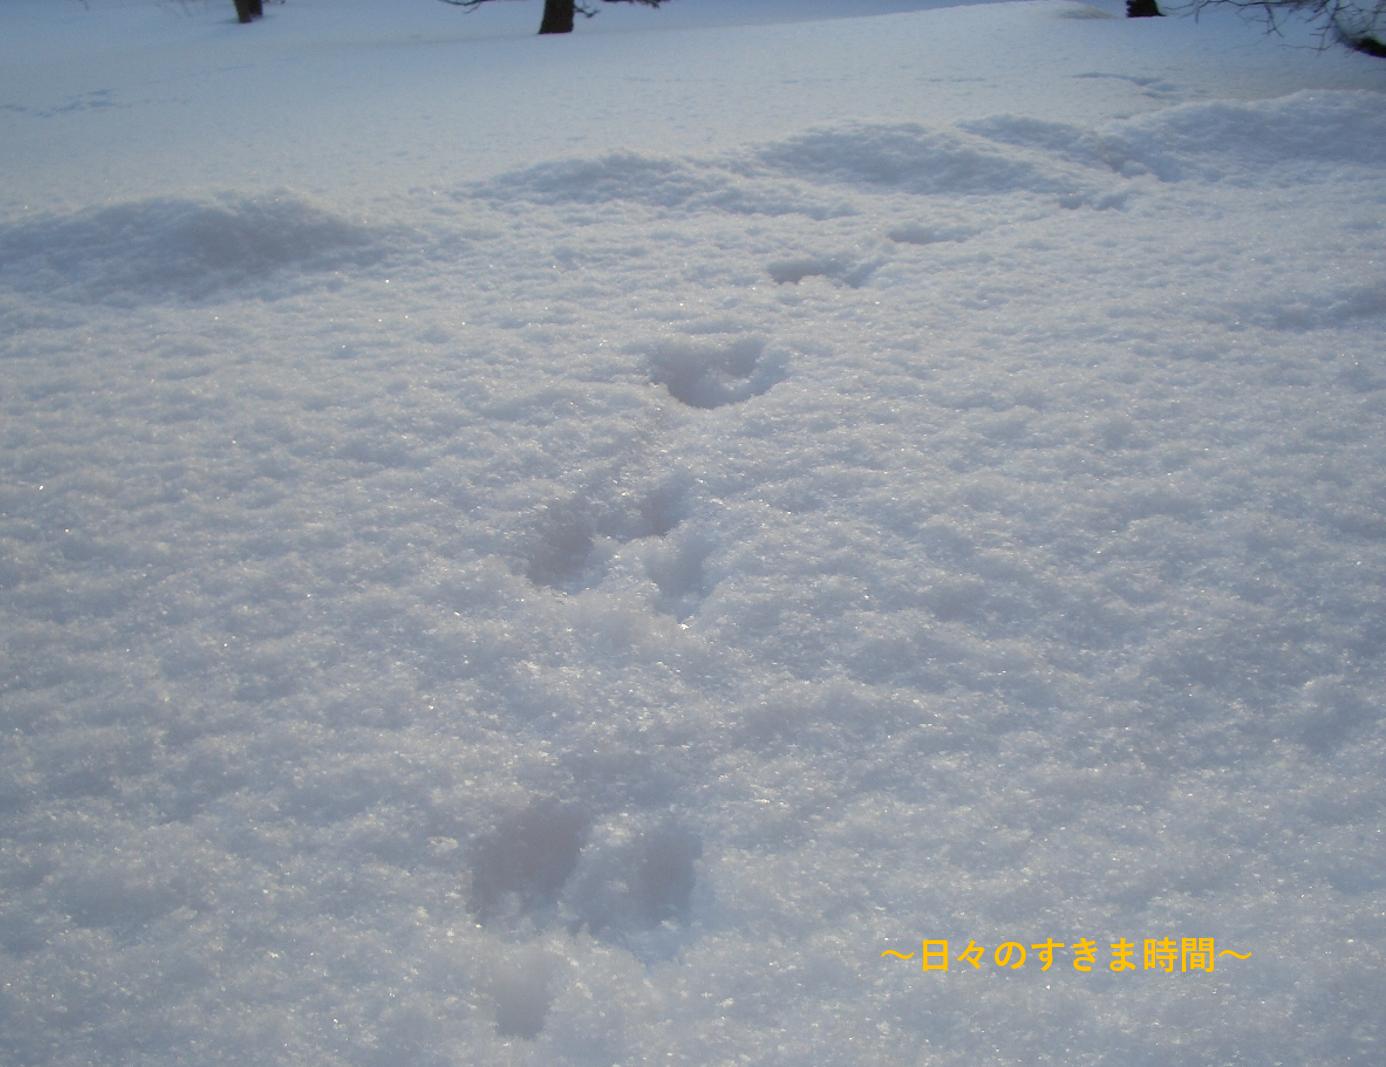 雪に動物の足跡